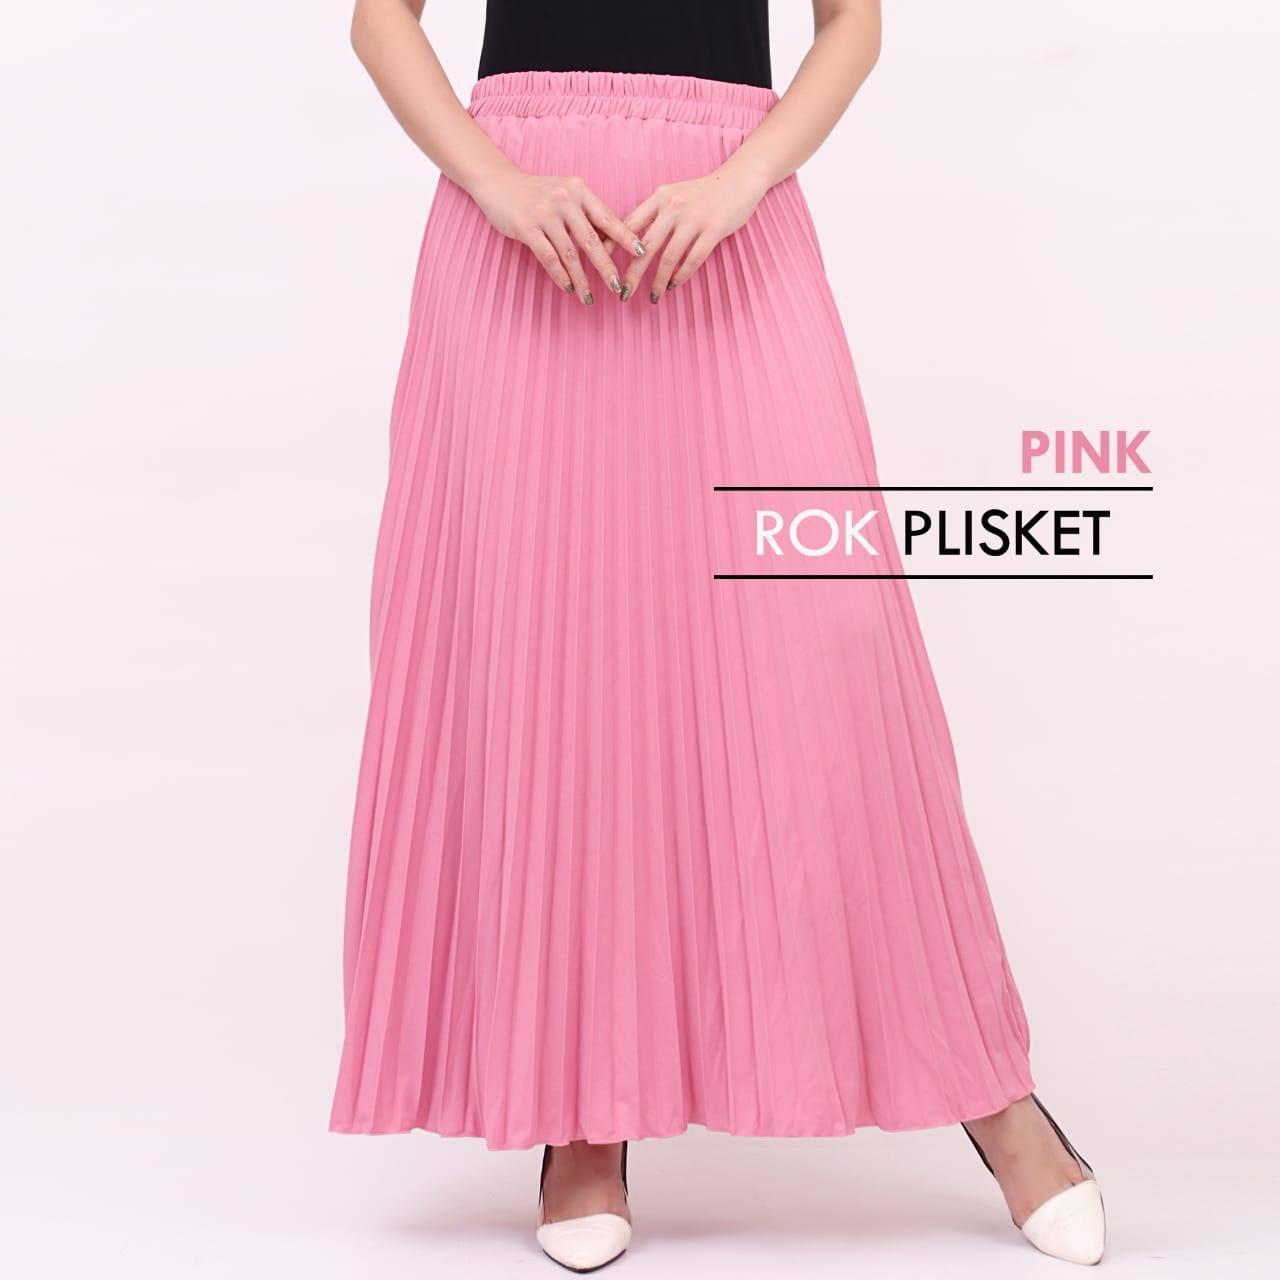 Ciara Fashion Rok Payung Plisket / Maxi skirt / Bahan Import / Bawahan / Rok maxi Kode.256